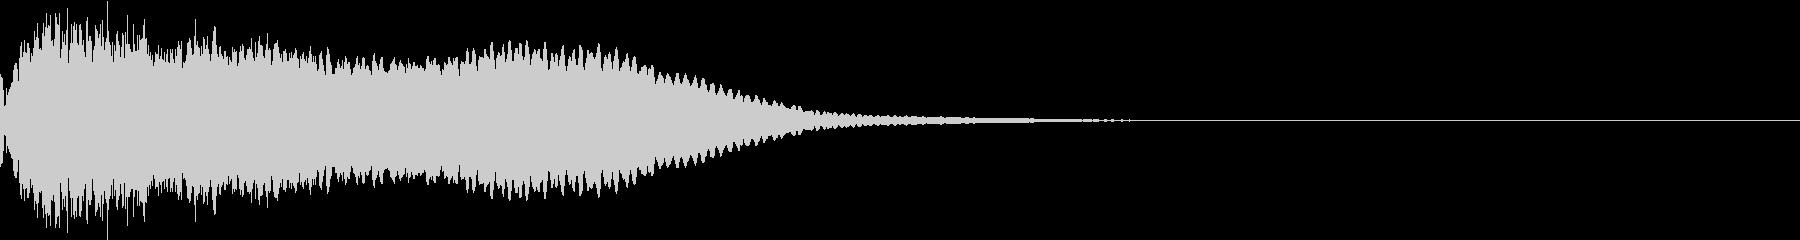 カットイン テロップ 商品 割引 07の未再生の波形